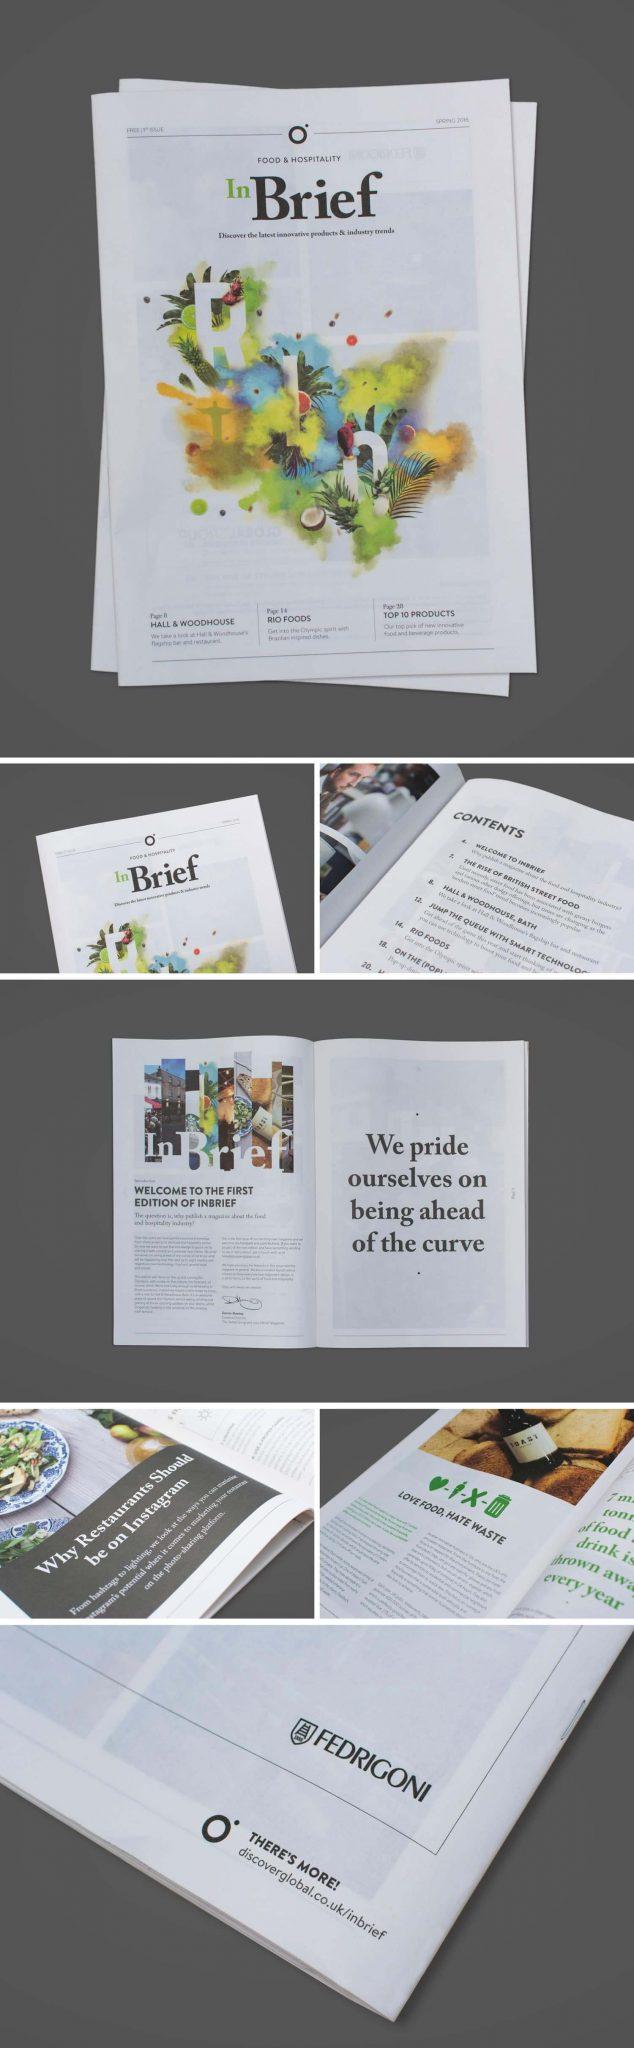 InBrief-Magazine-Portolio-Shots-Montage-Web-Version